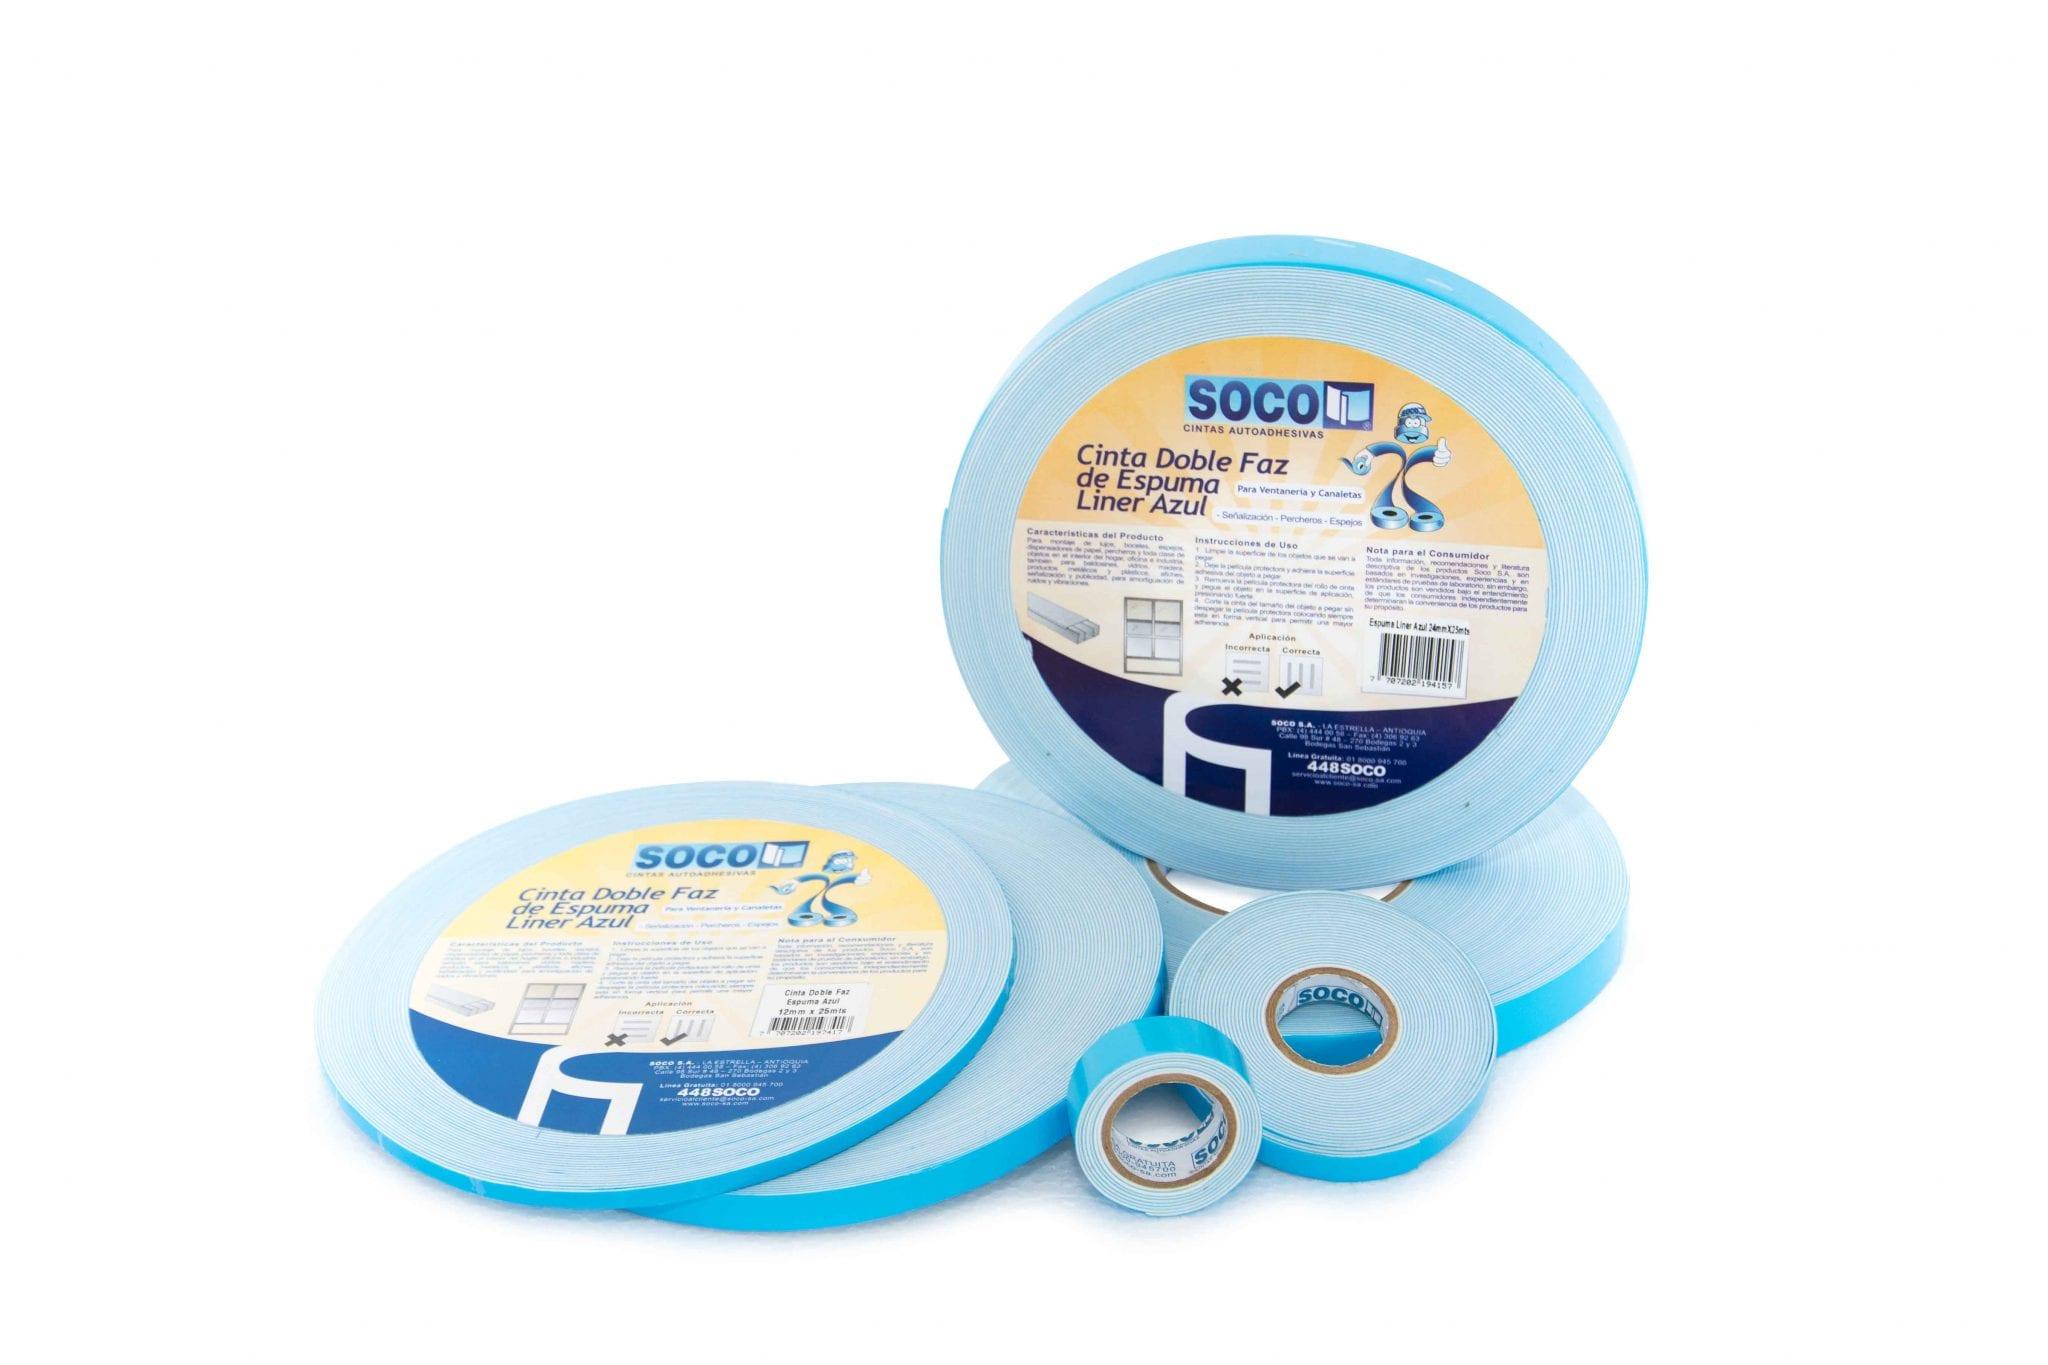 cinta-doble-faz-espuma-polietileno-liner-azul